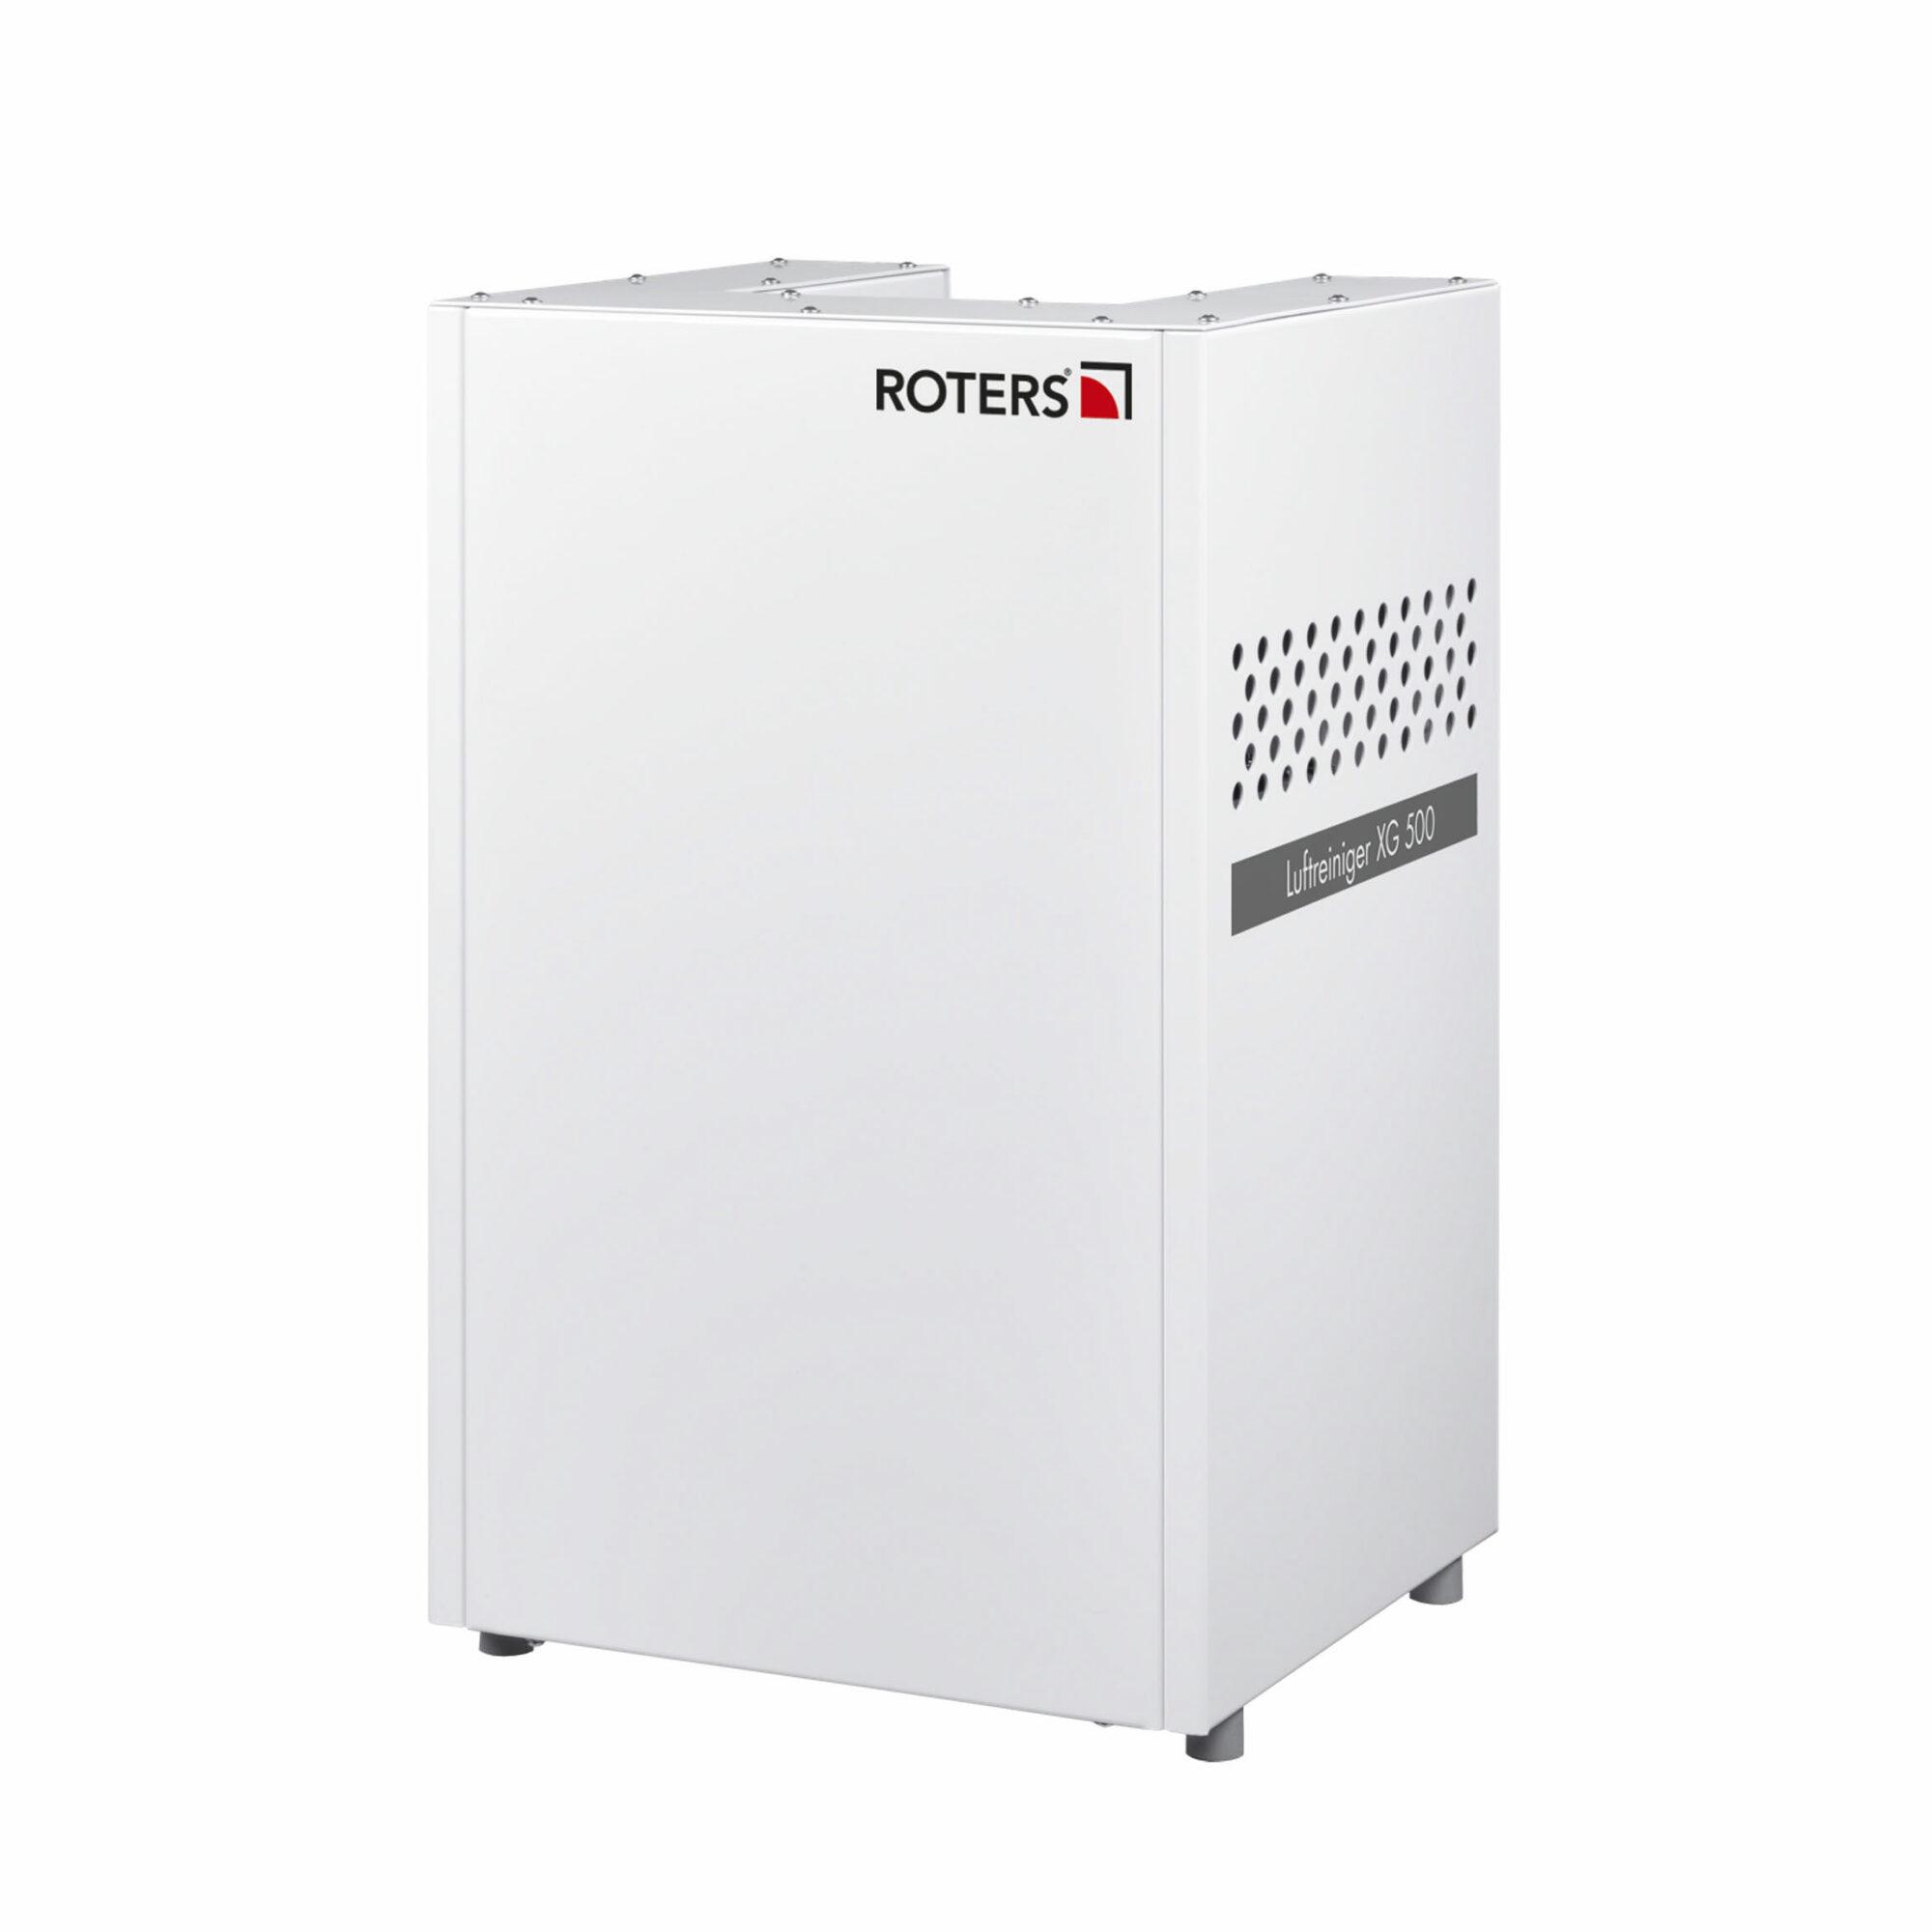 Roters - Luftreiniger XG 520 Basic H14 - Luftreiniger mit Hepafilter und Aktivkohlefilter für saubere Raumluft - Bild 01